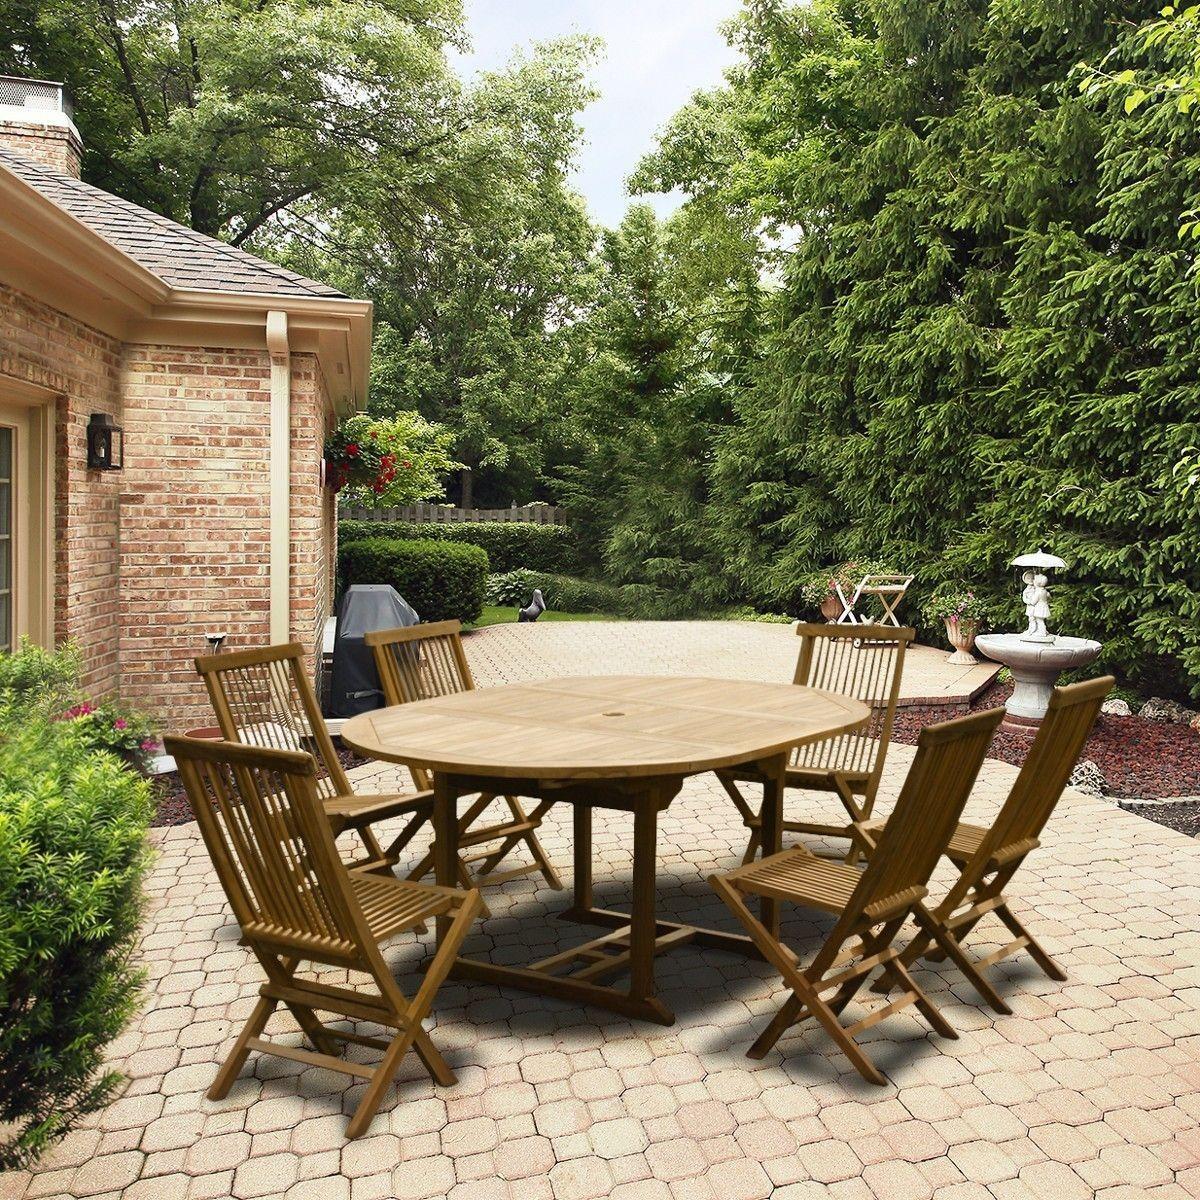 Salon de jardin en teck grade A, 6 chaises et 1 table ronde ...